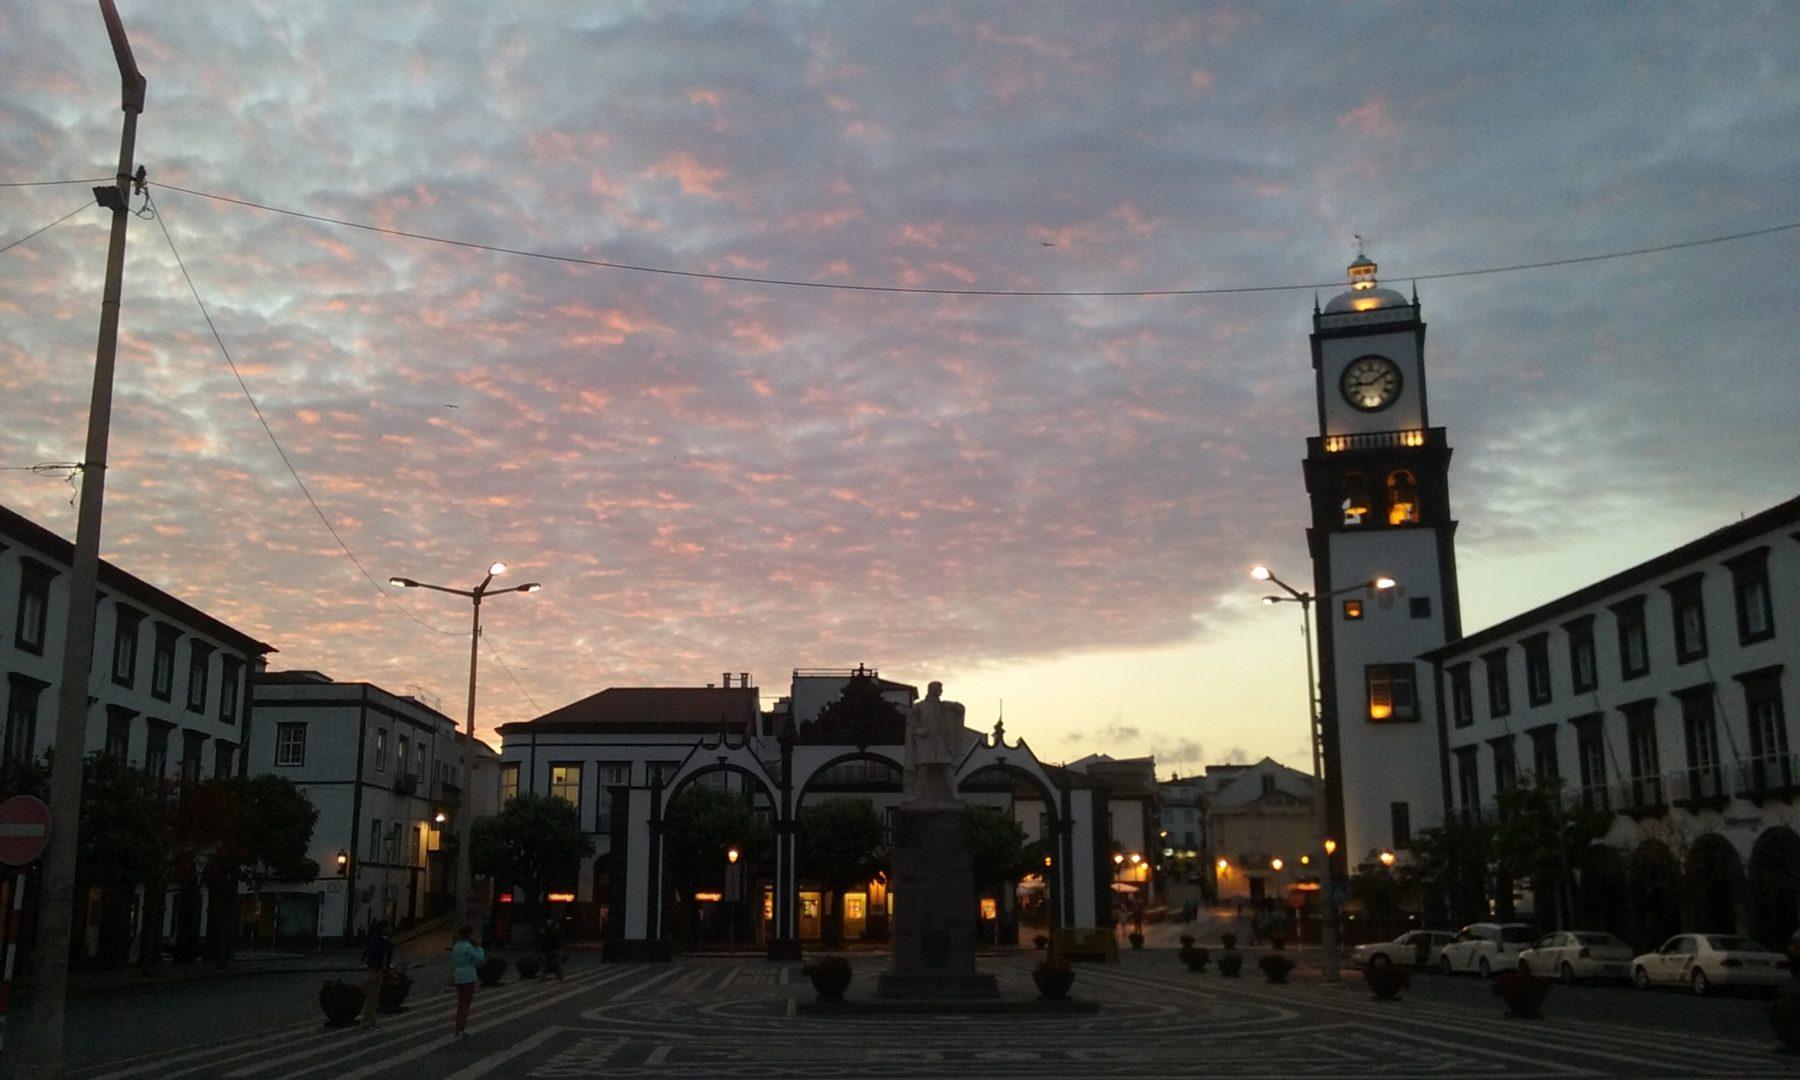 Anoitecer em Ponta Delgada